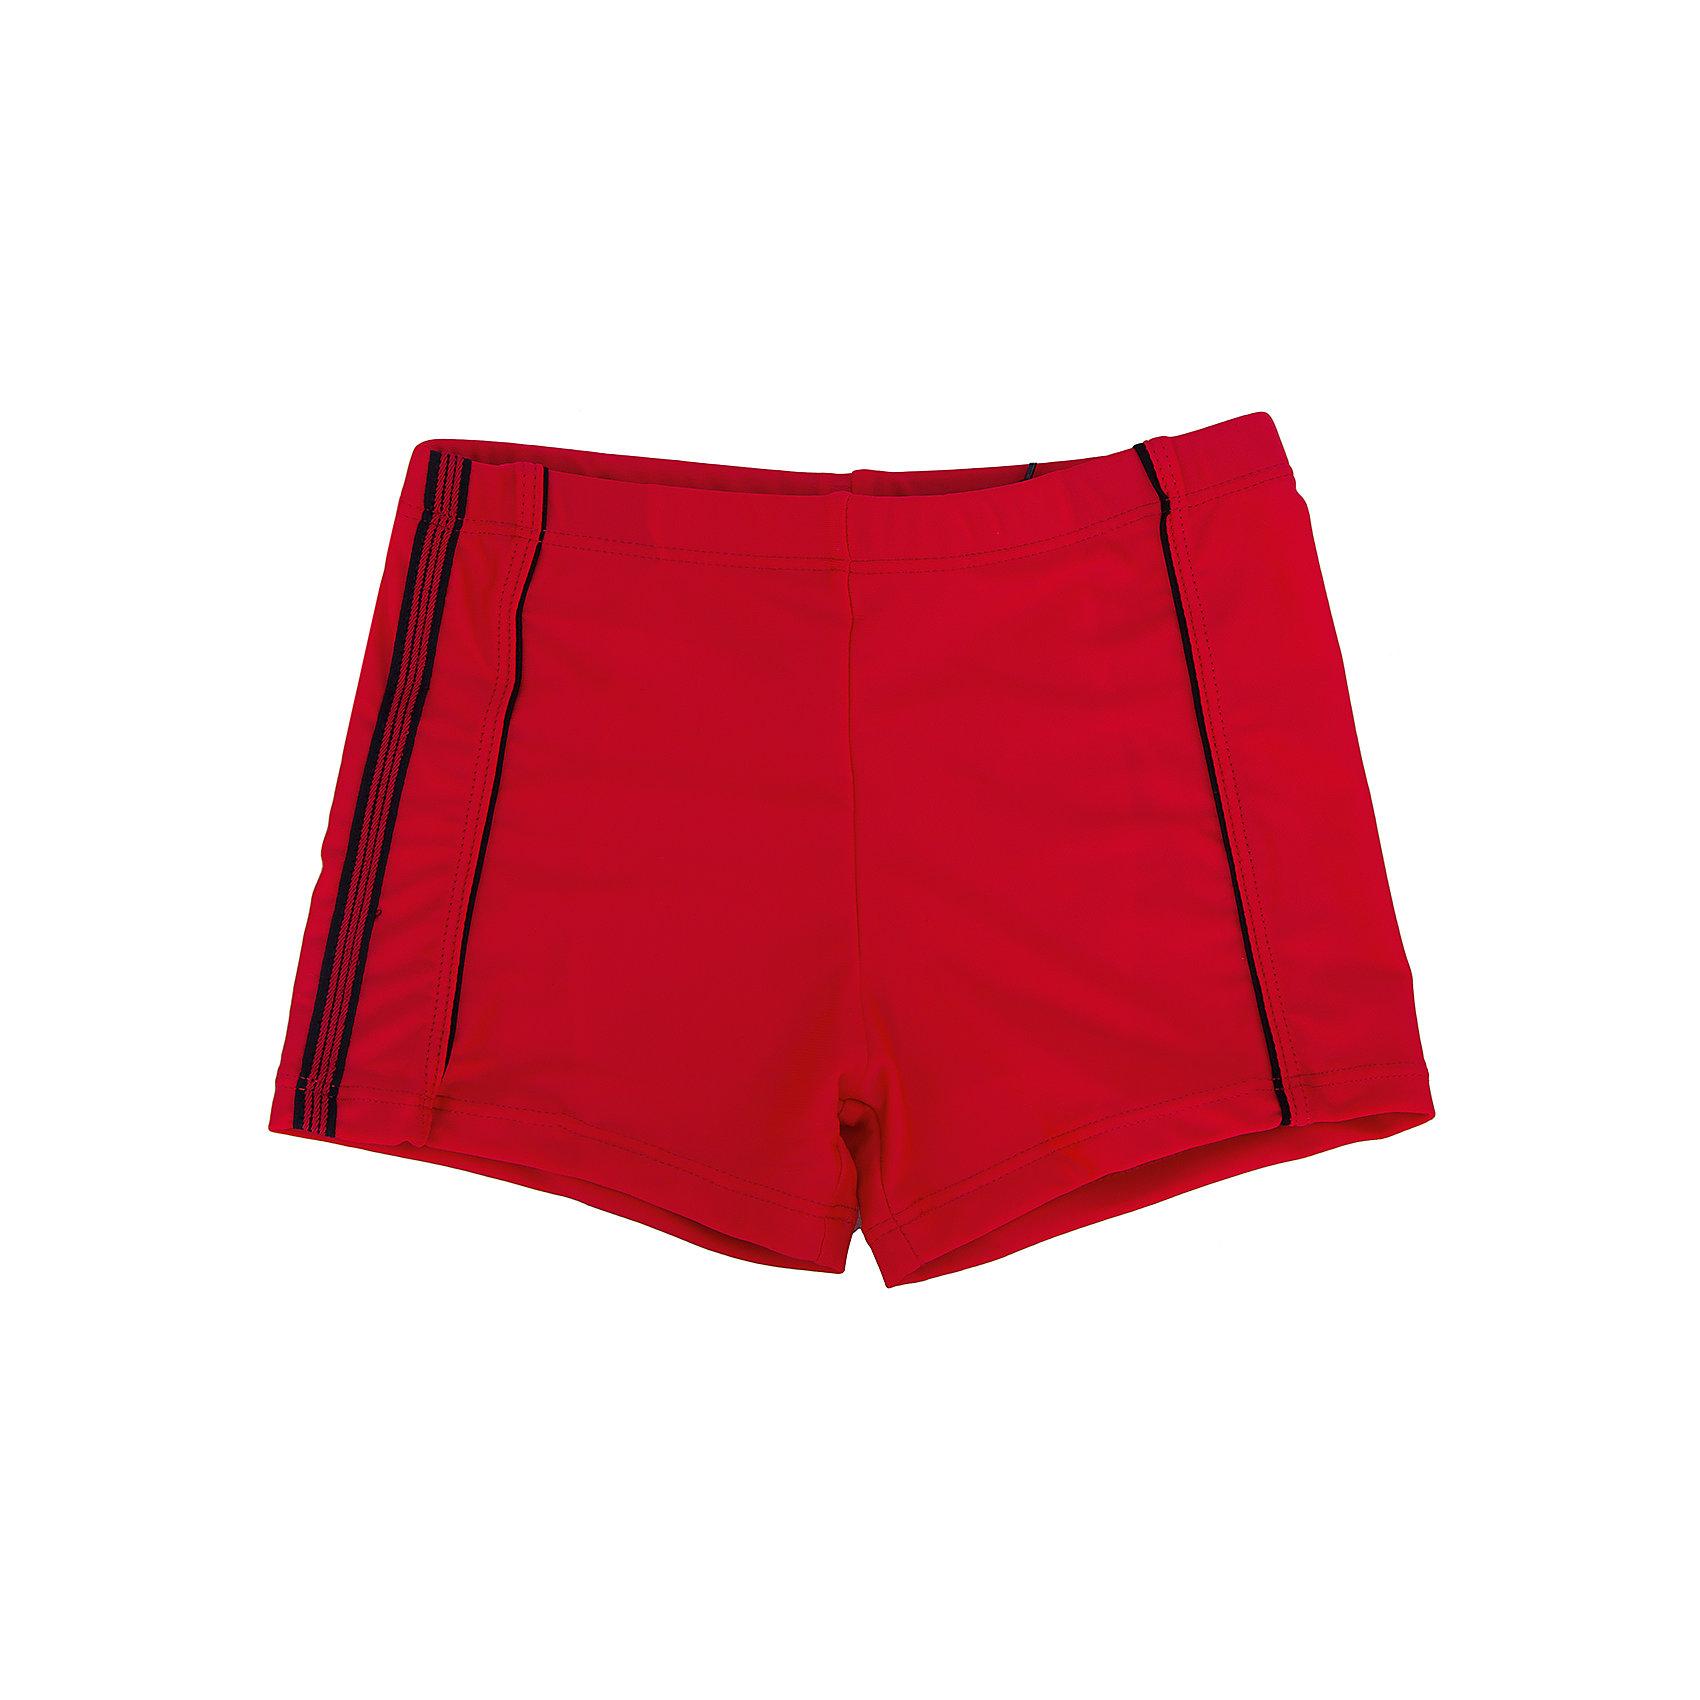 Плавки-шорты для мальчика DAUBERКупальники и плавки<br>Плавки-шорты для мальчика известной марки DAUBER. <br><br>Состав: 82%полиамид, 18%эластан.<br><br>Ширина мм: 183<br>Глубина мм: 60<br>Высота мм: 135<br>Вес г: 119<br>Цвет: красный<br>Возраст от месяцев: 120<br>Возраст до месяцев: 132<br>Пол: Мужской<br>Возраст: Детский<br>Размер: 146,134,140,152,128<br>SKU: 4845370